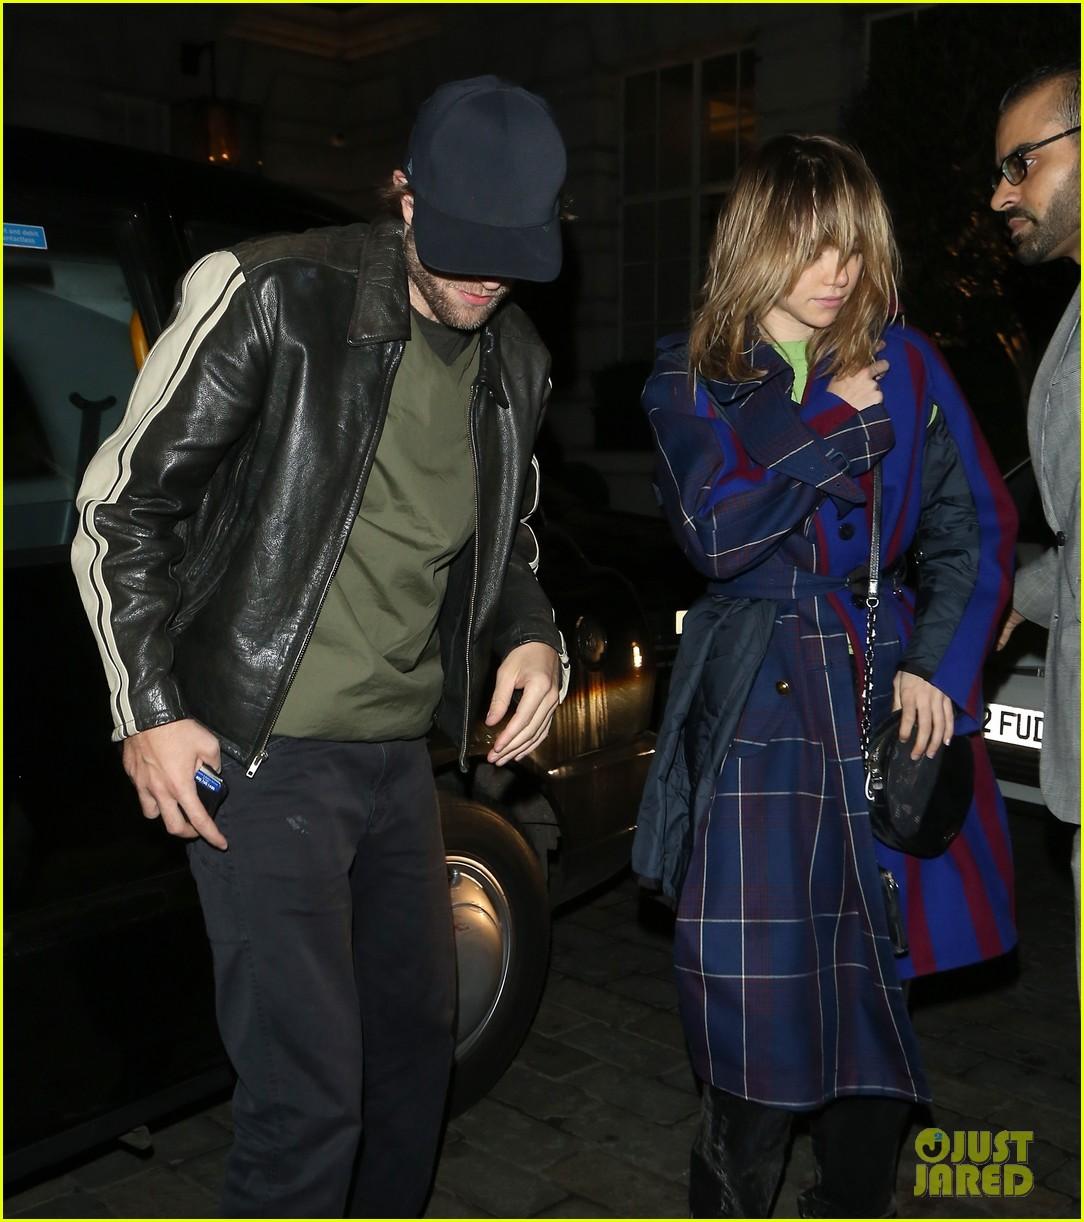 Robert Pattinson & Suki Waterhouse Spotted On a Date Night ...